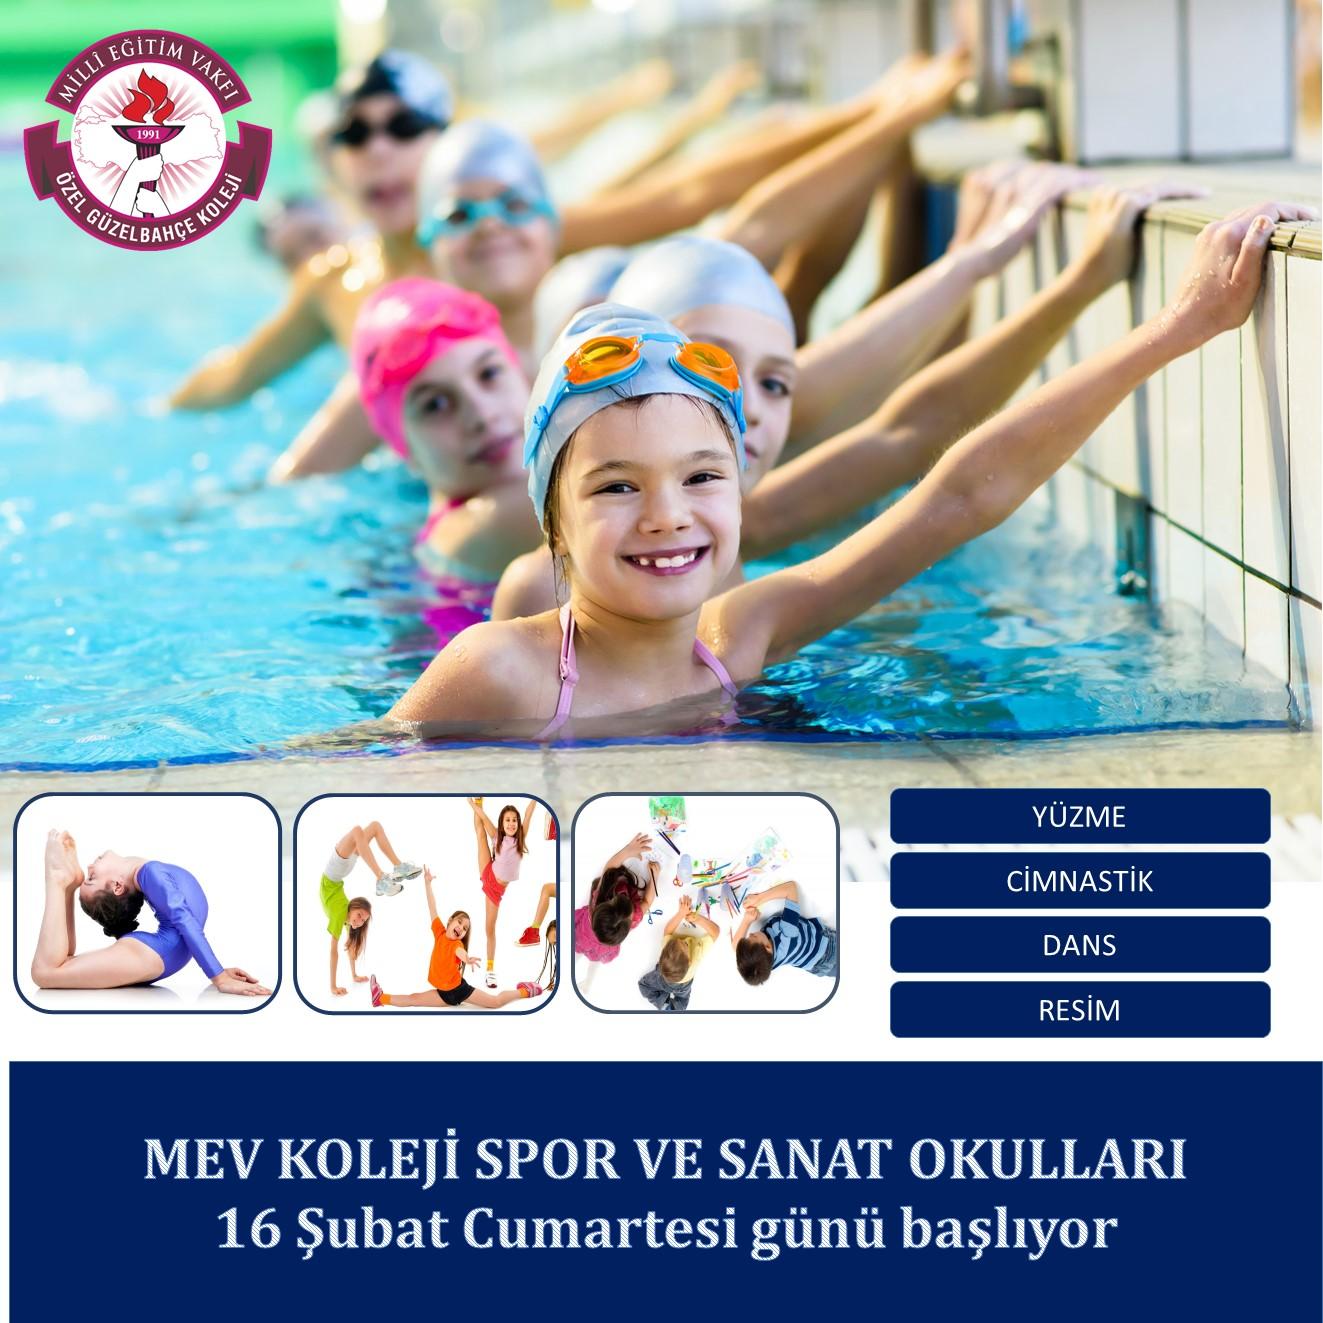 2. Dönem MEV Spor ve Sanat Okulları Başlıyor